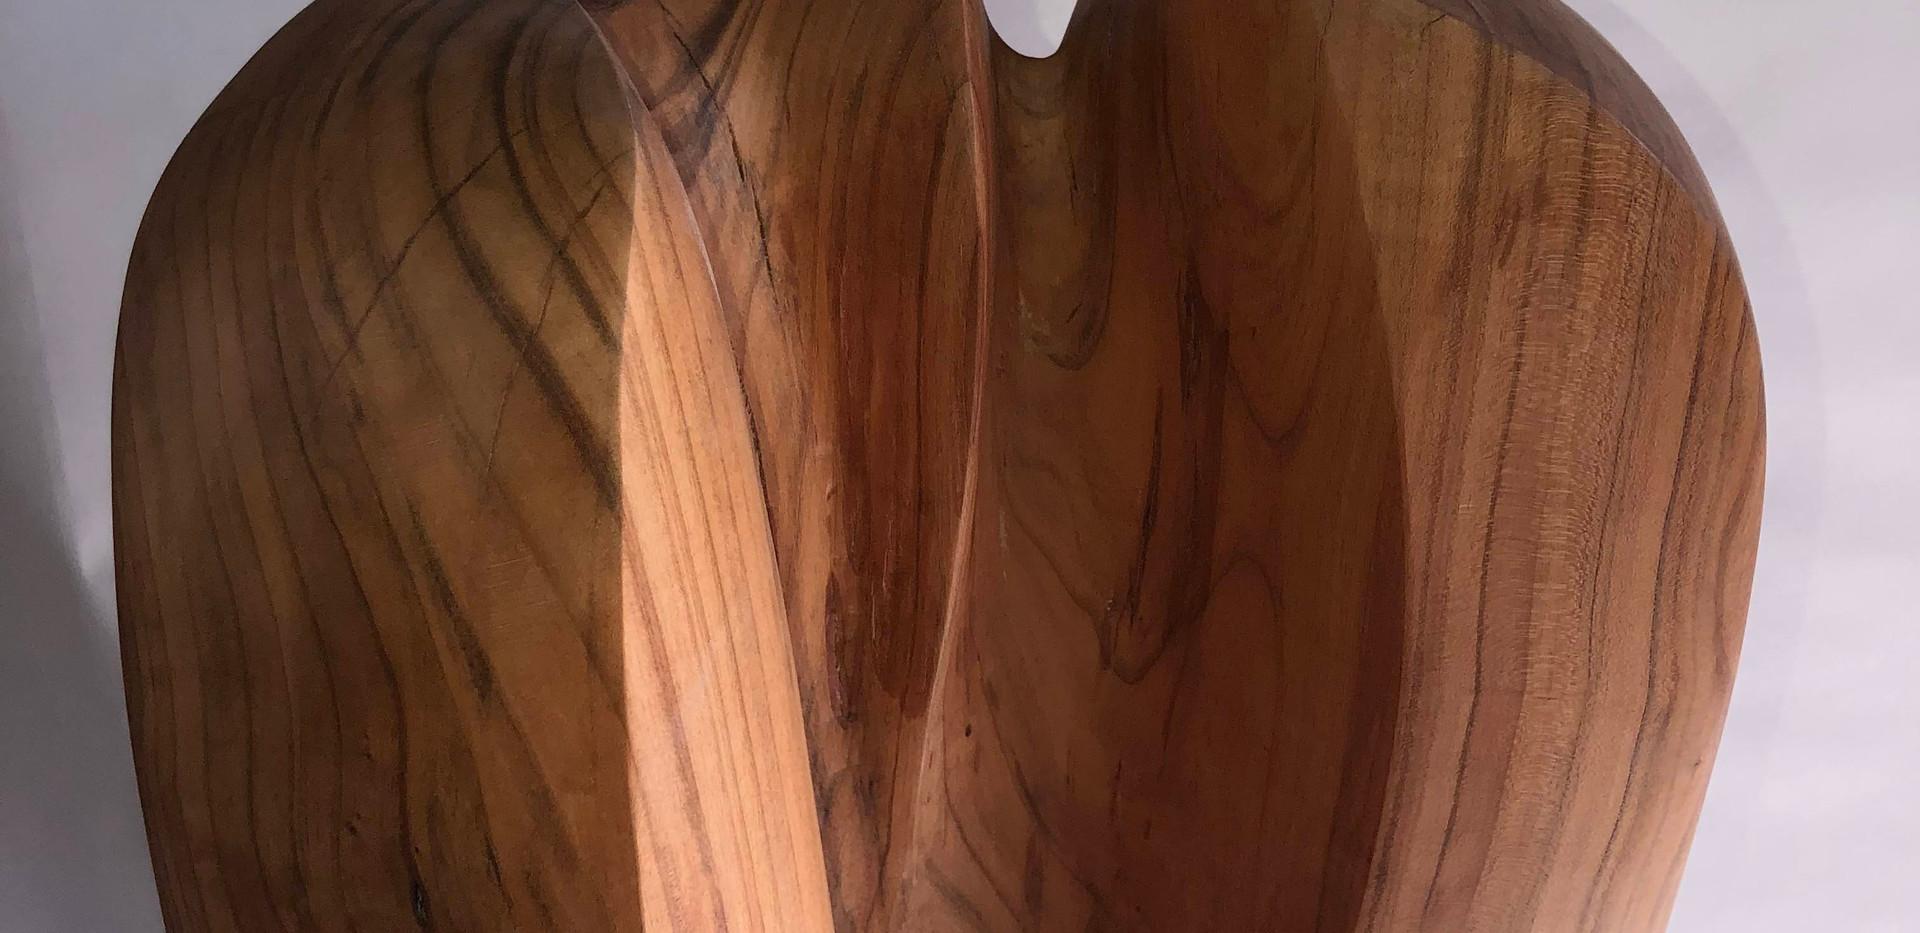 Zugeneigte Ofenheit, Kirschenholz auf Kalksteinsockel, H: 175cm, 35x31cm, 2020, Ausschnitt